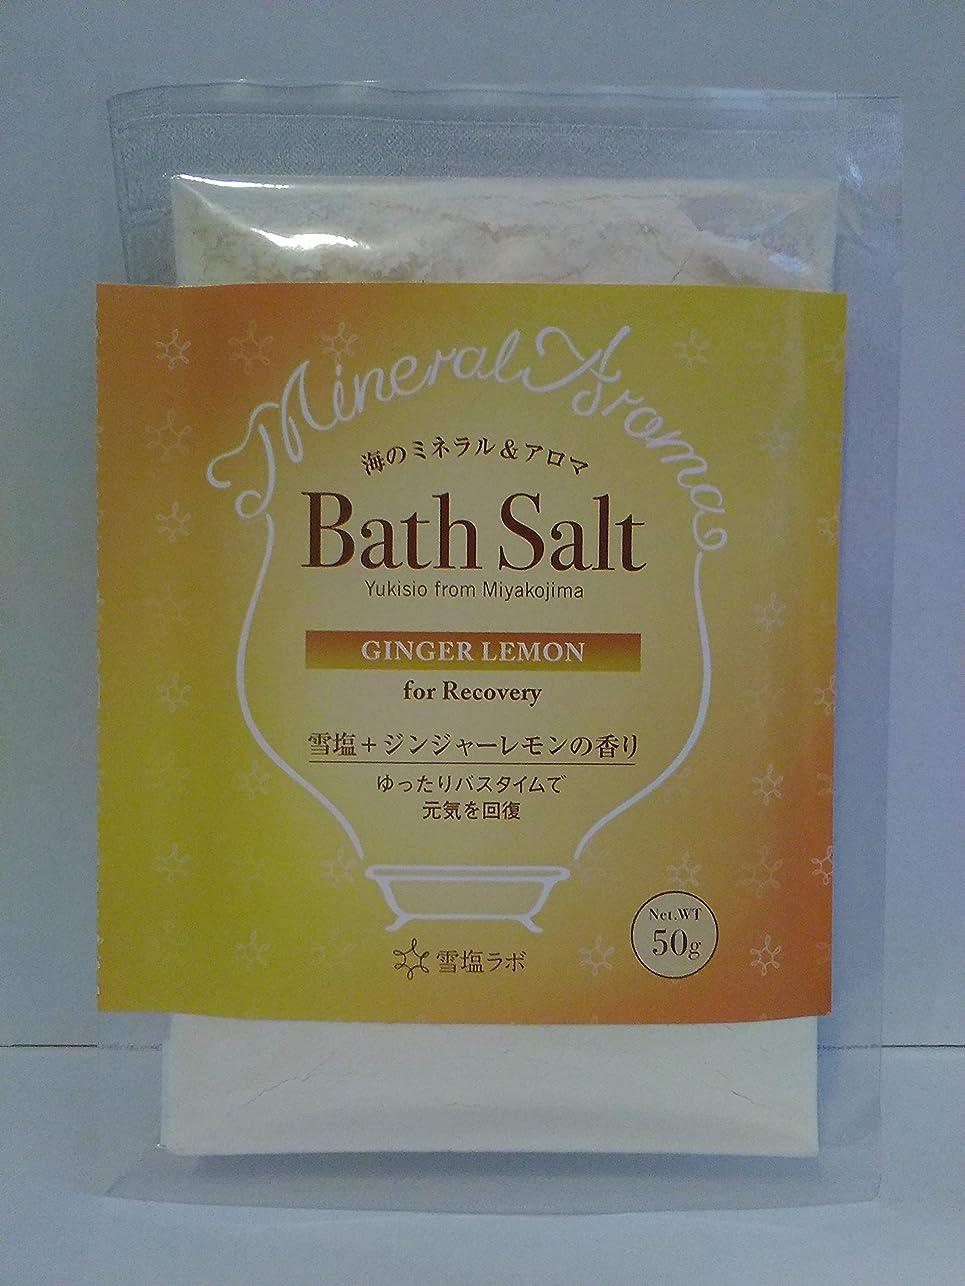 一定時代遅れ悪行海のミネラル&アロマ Bath Salt 雪塩+ジンジャーレモンの香り